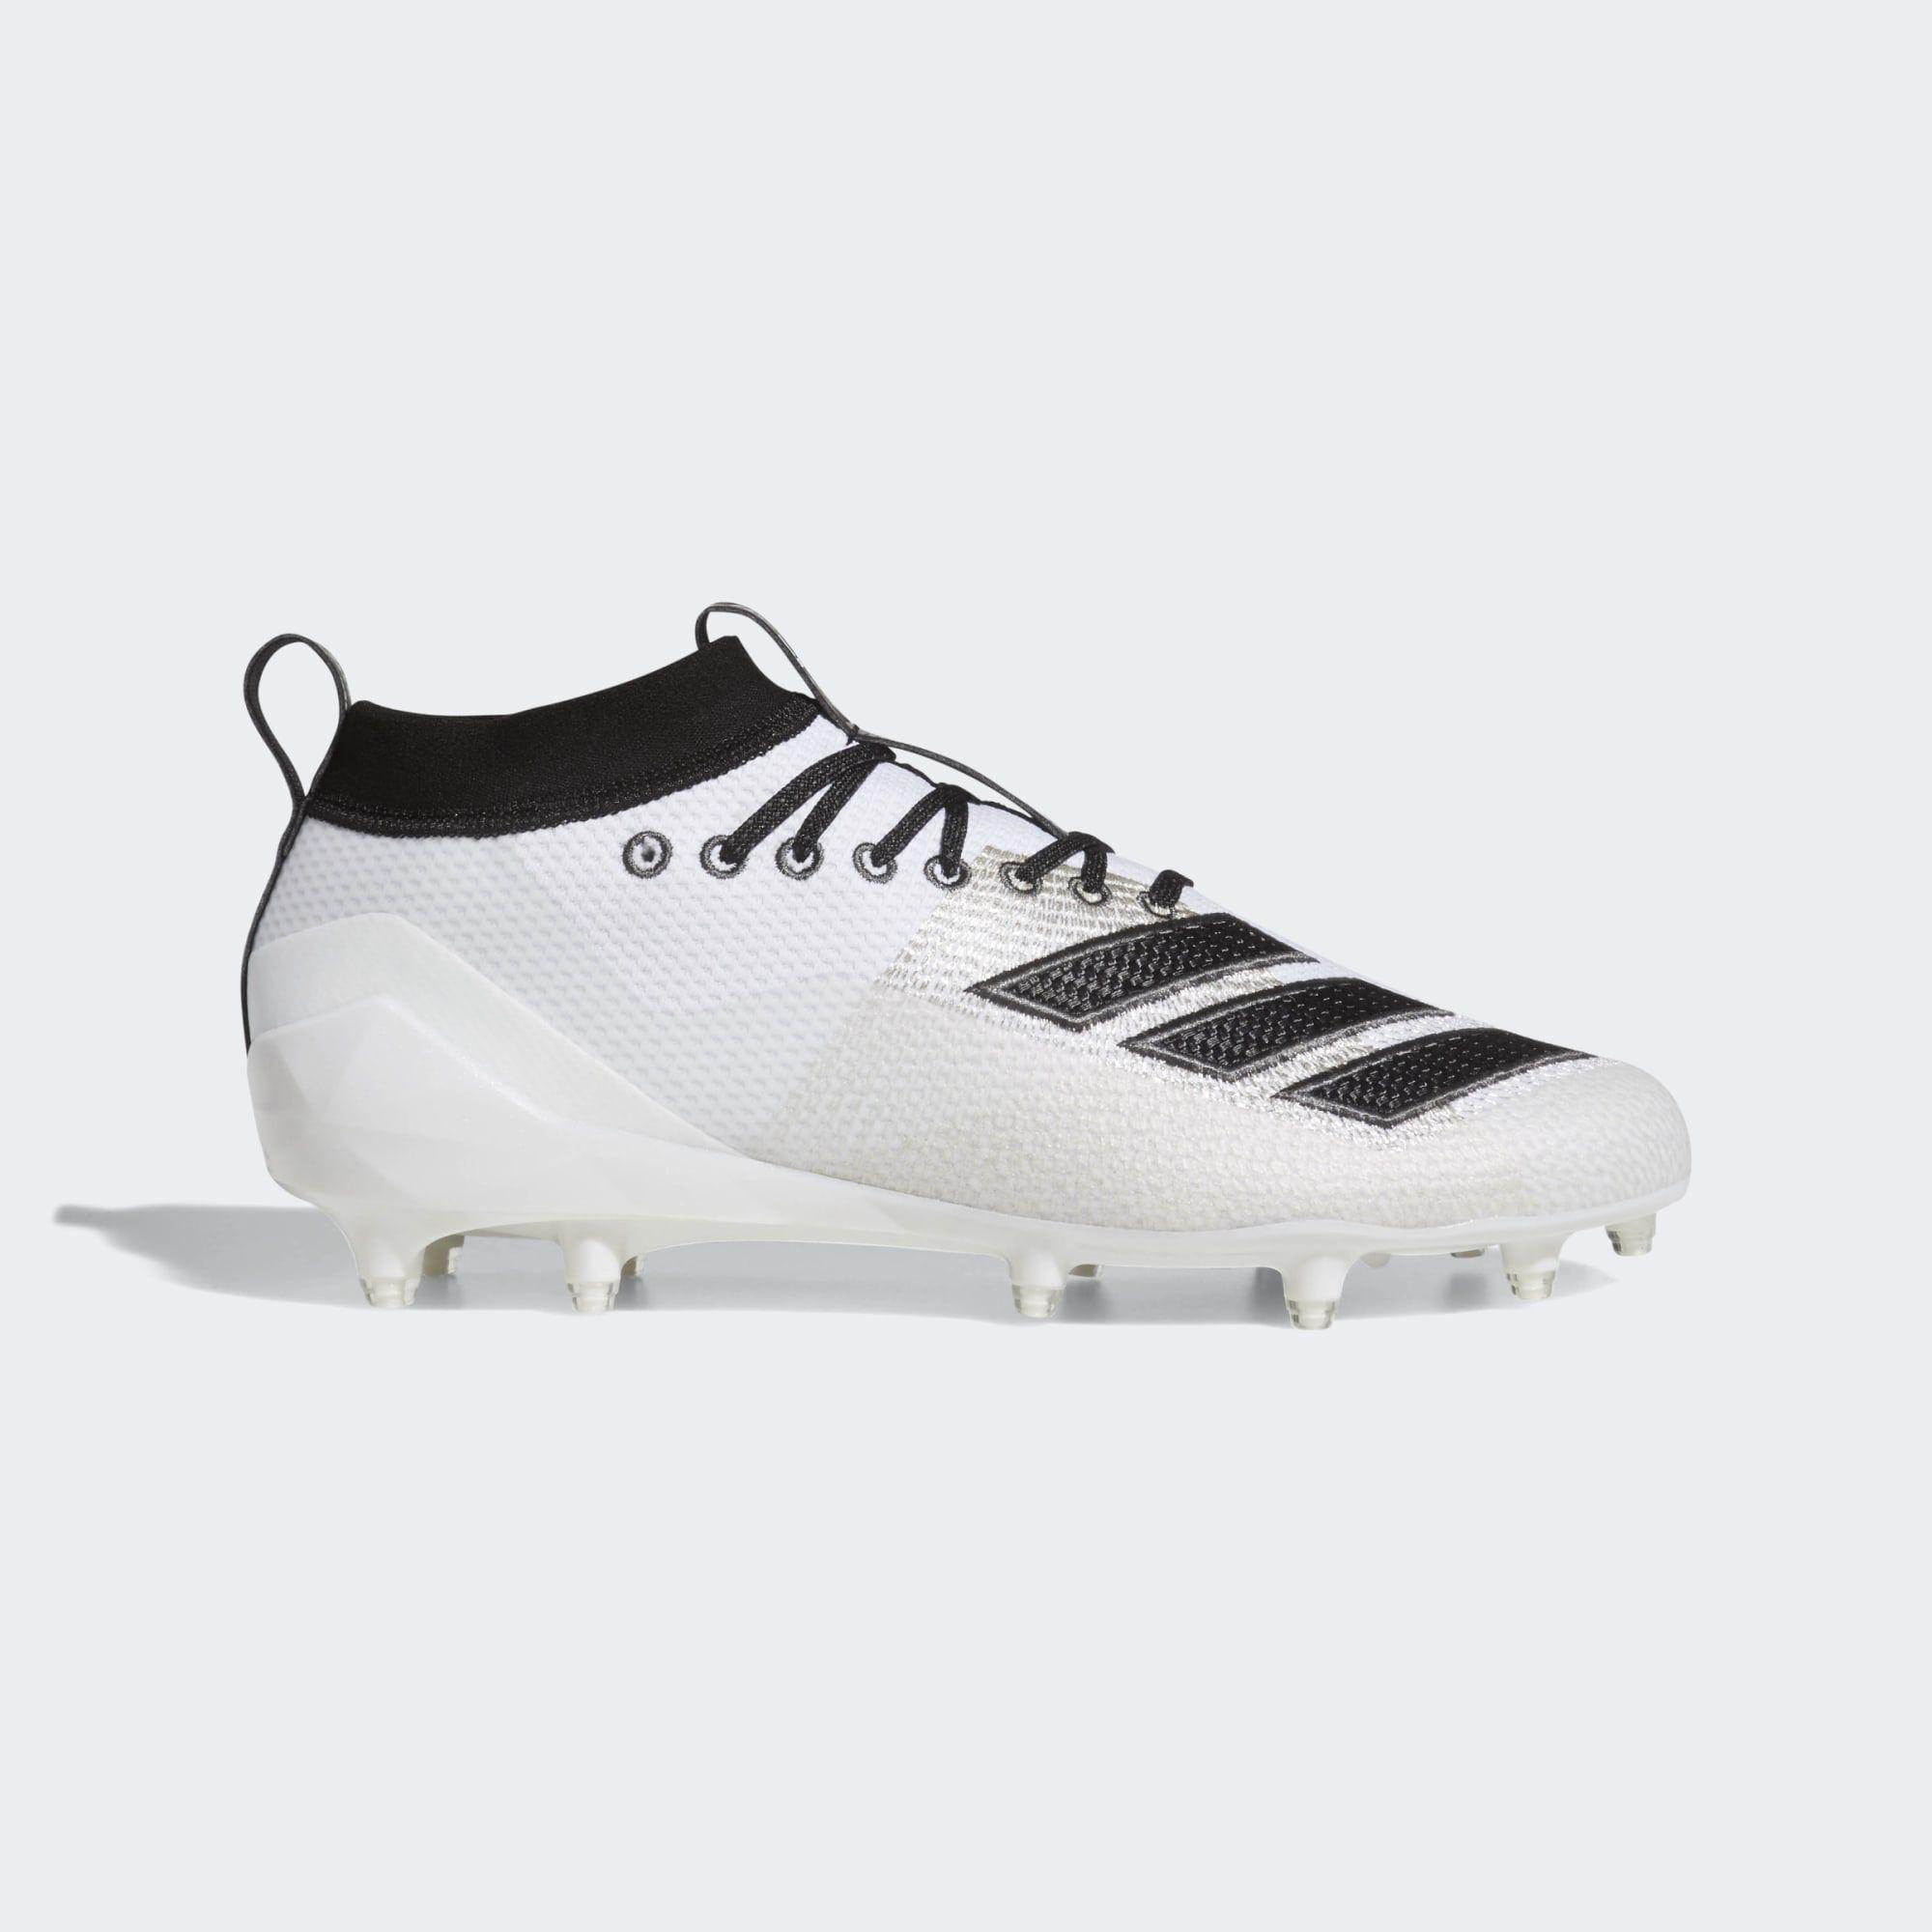 Adidas Adizero 8 0 Cleats White Adidas Us Nike Football Boots Cool Football Boots Girls Football Boots